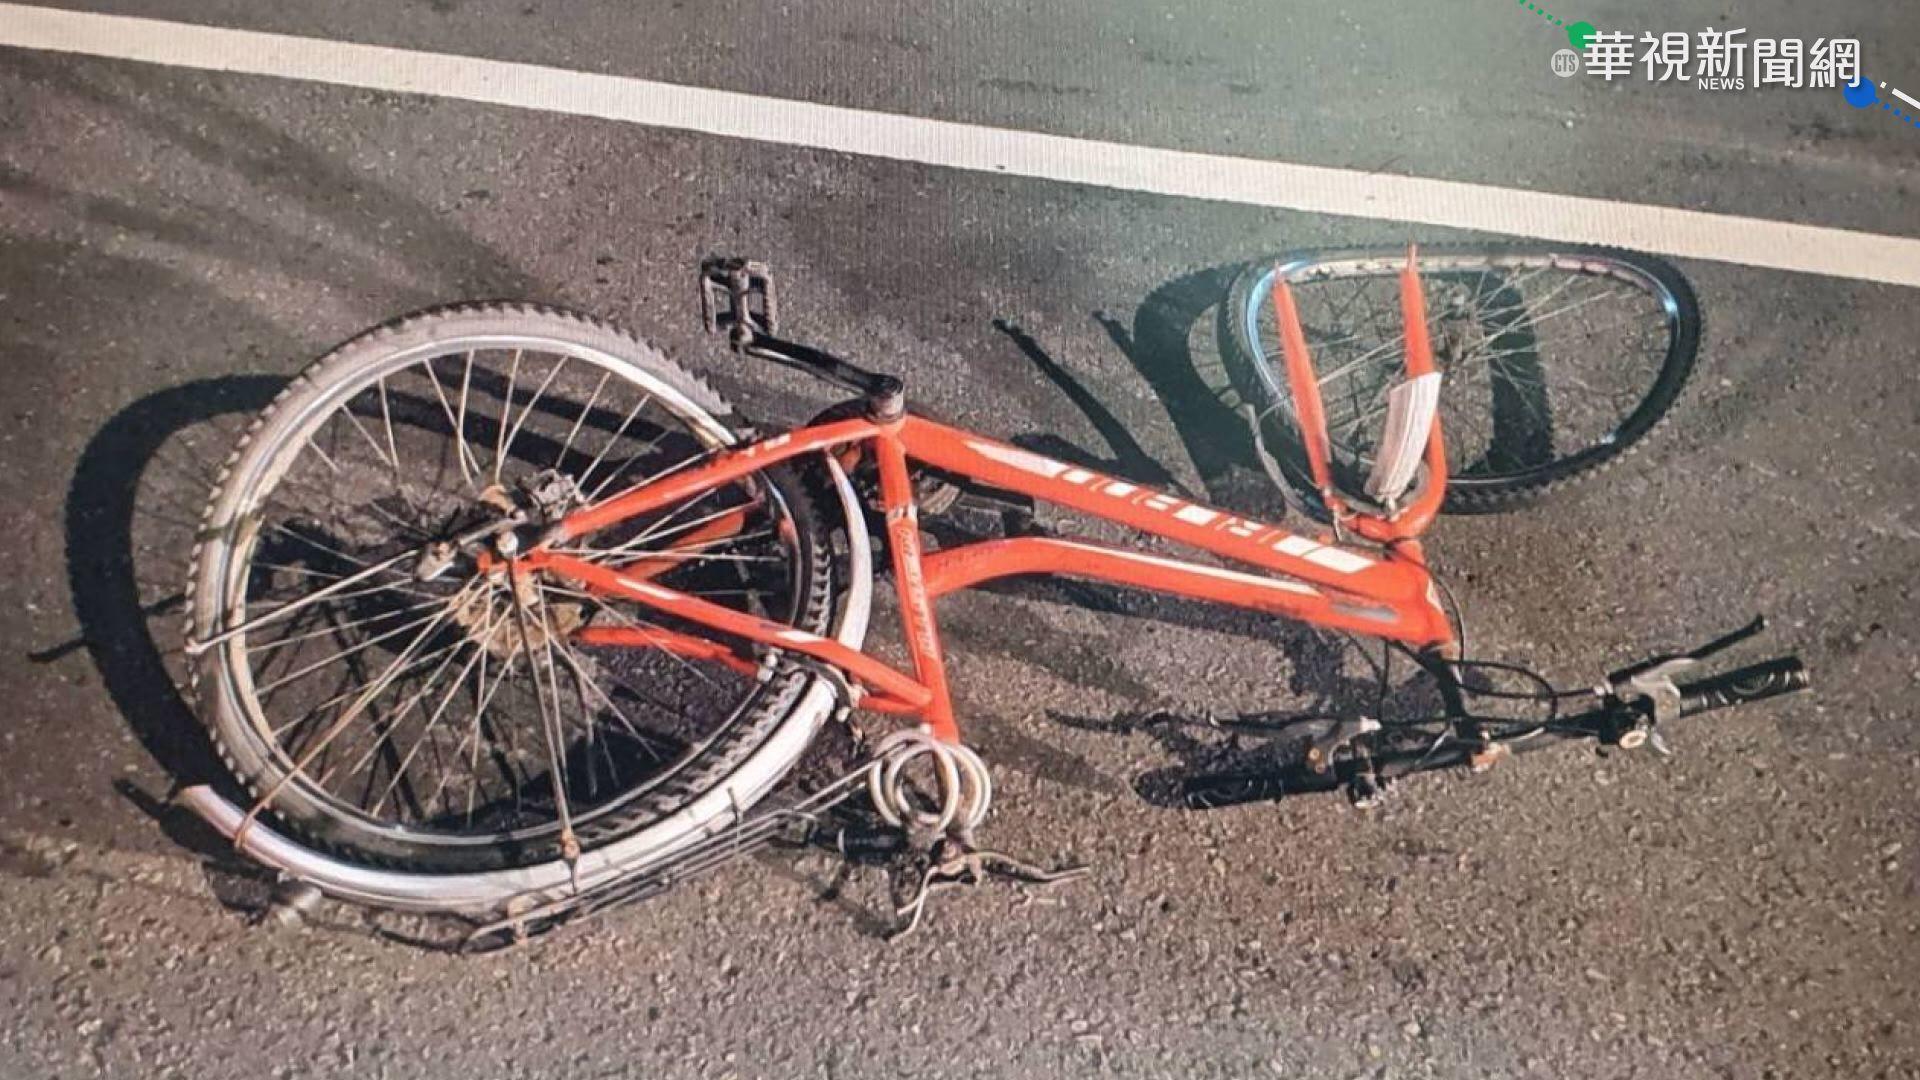 移工酒後騎單車闖紅燈 遭轎車撞飛雙亡